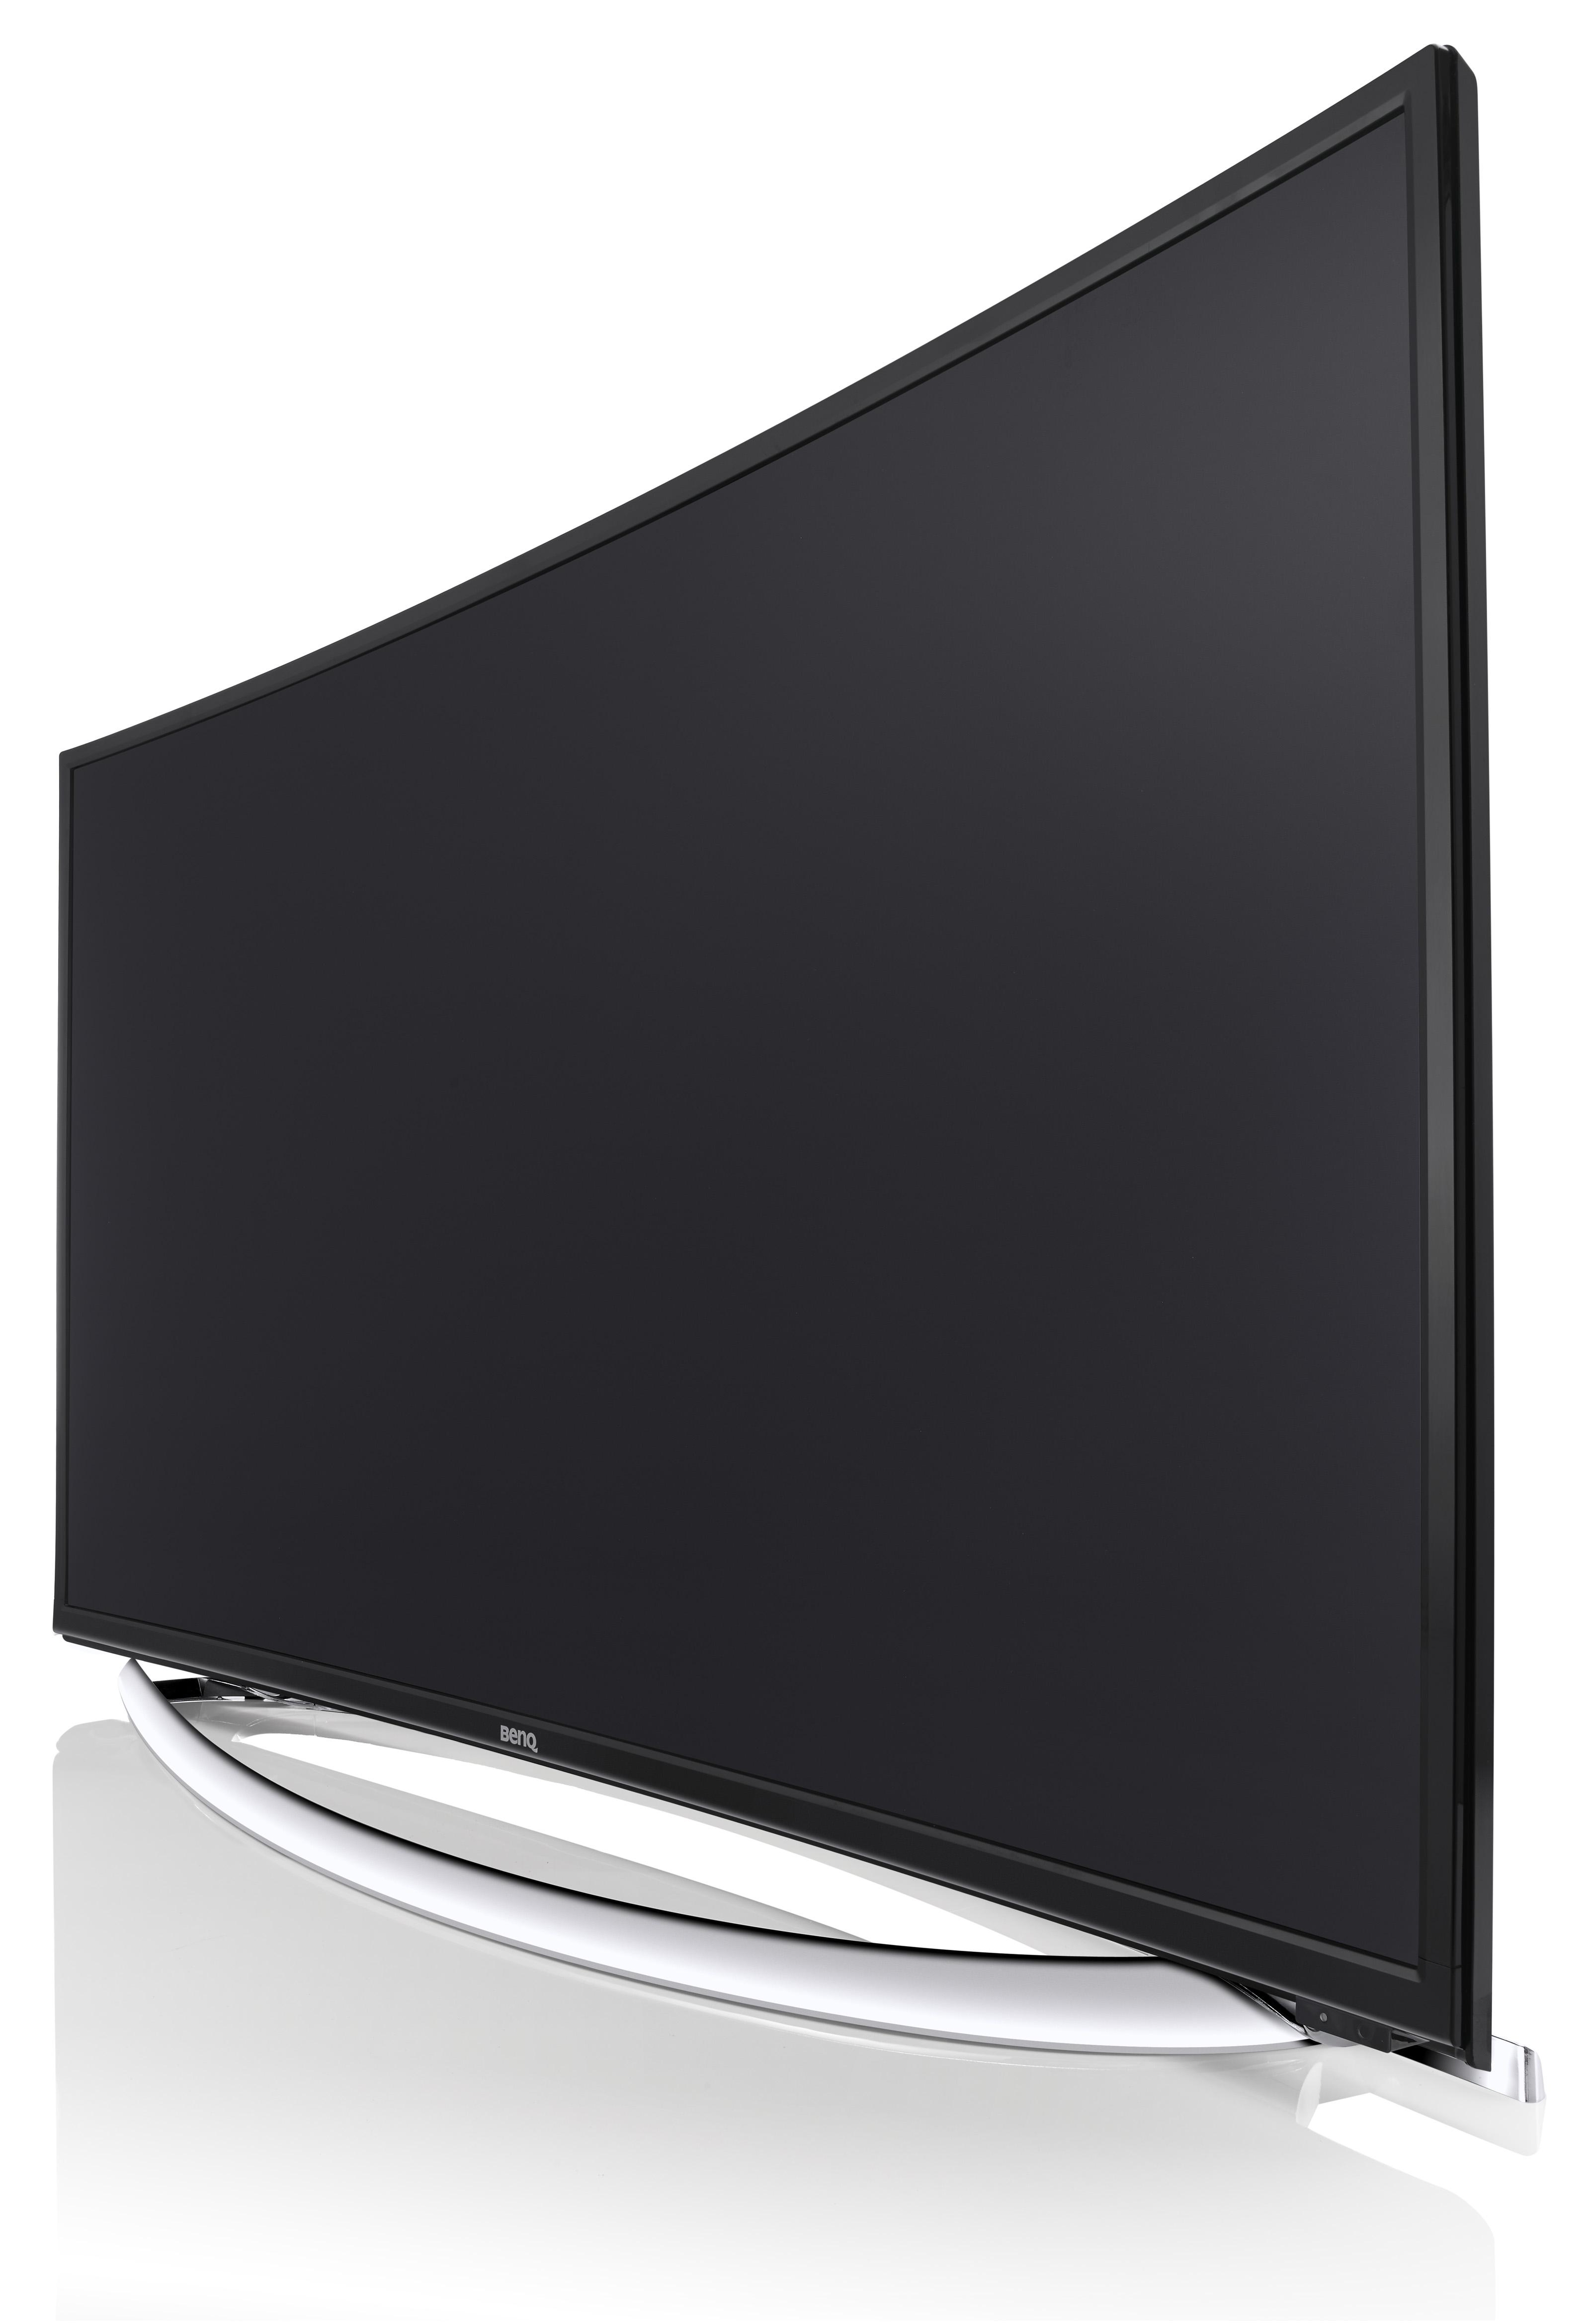 LED FHD曲面超絢彩黑湛屏大型液晶顯示器